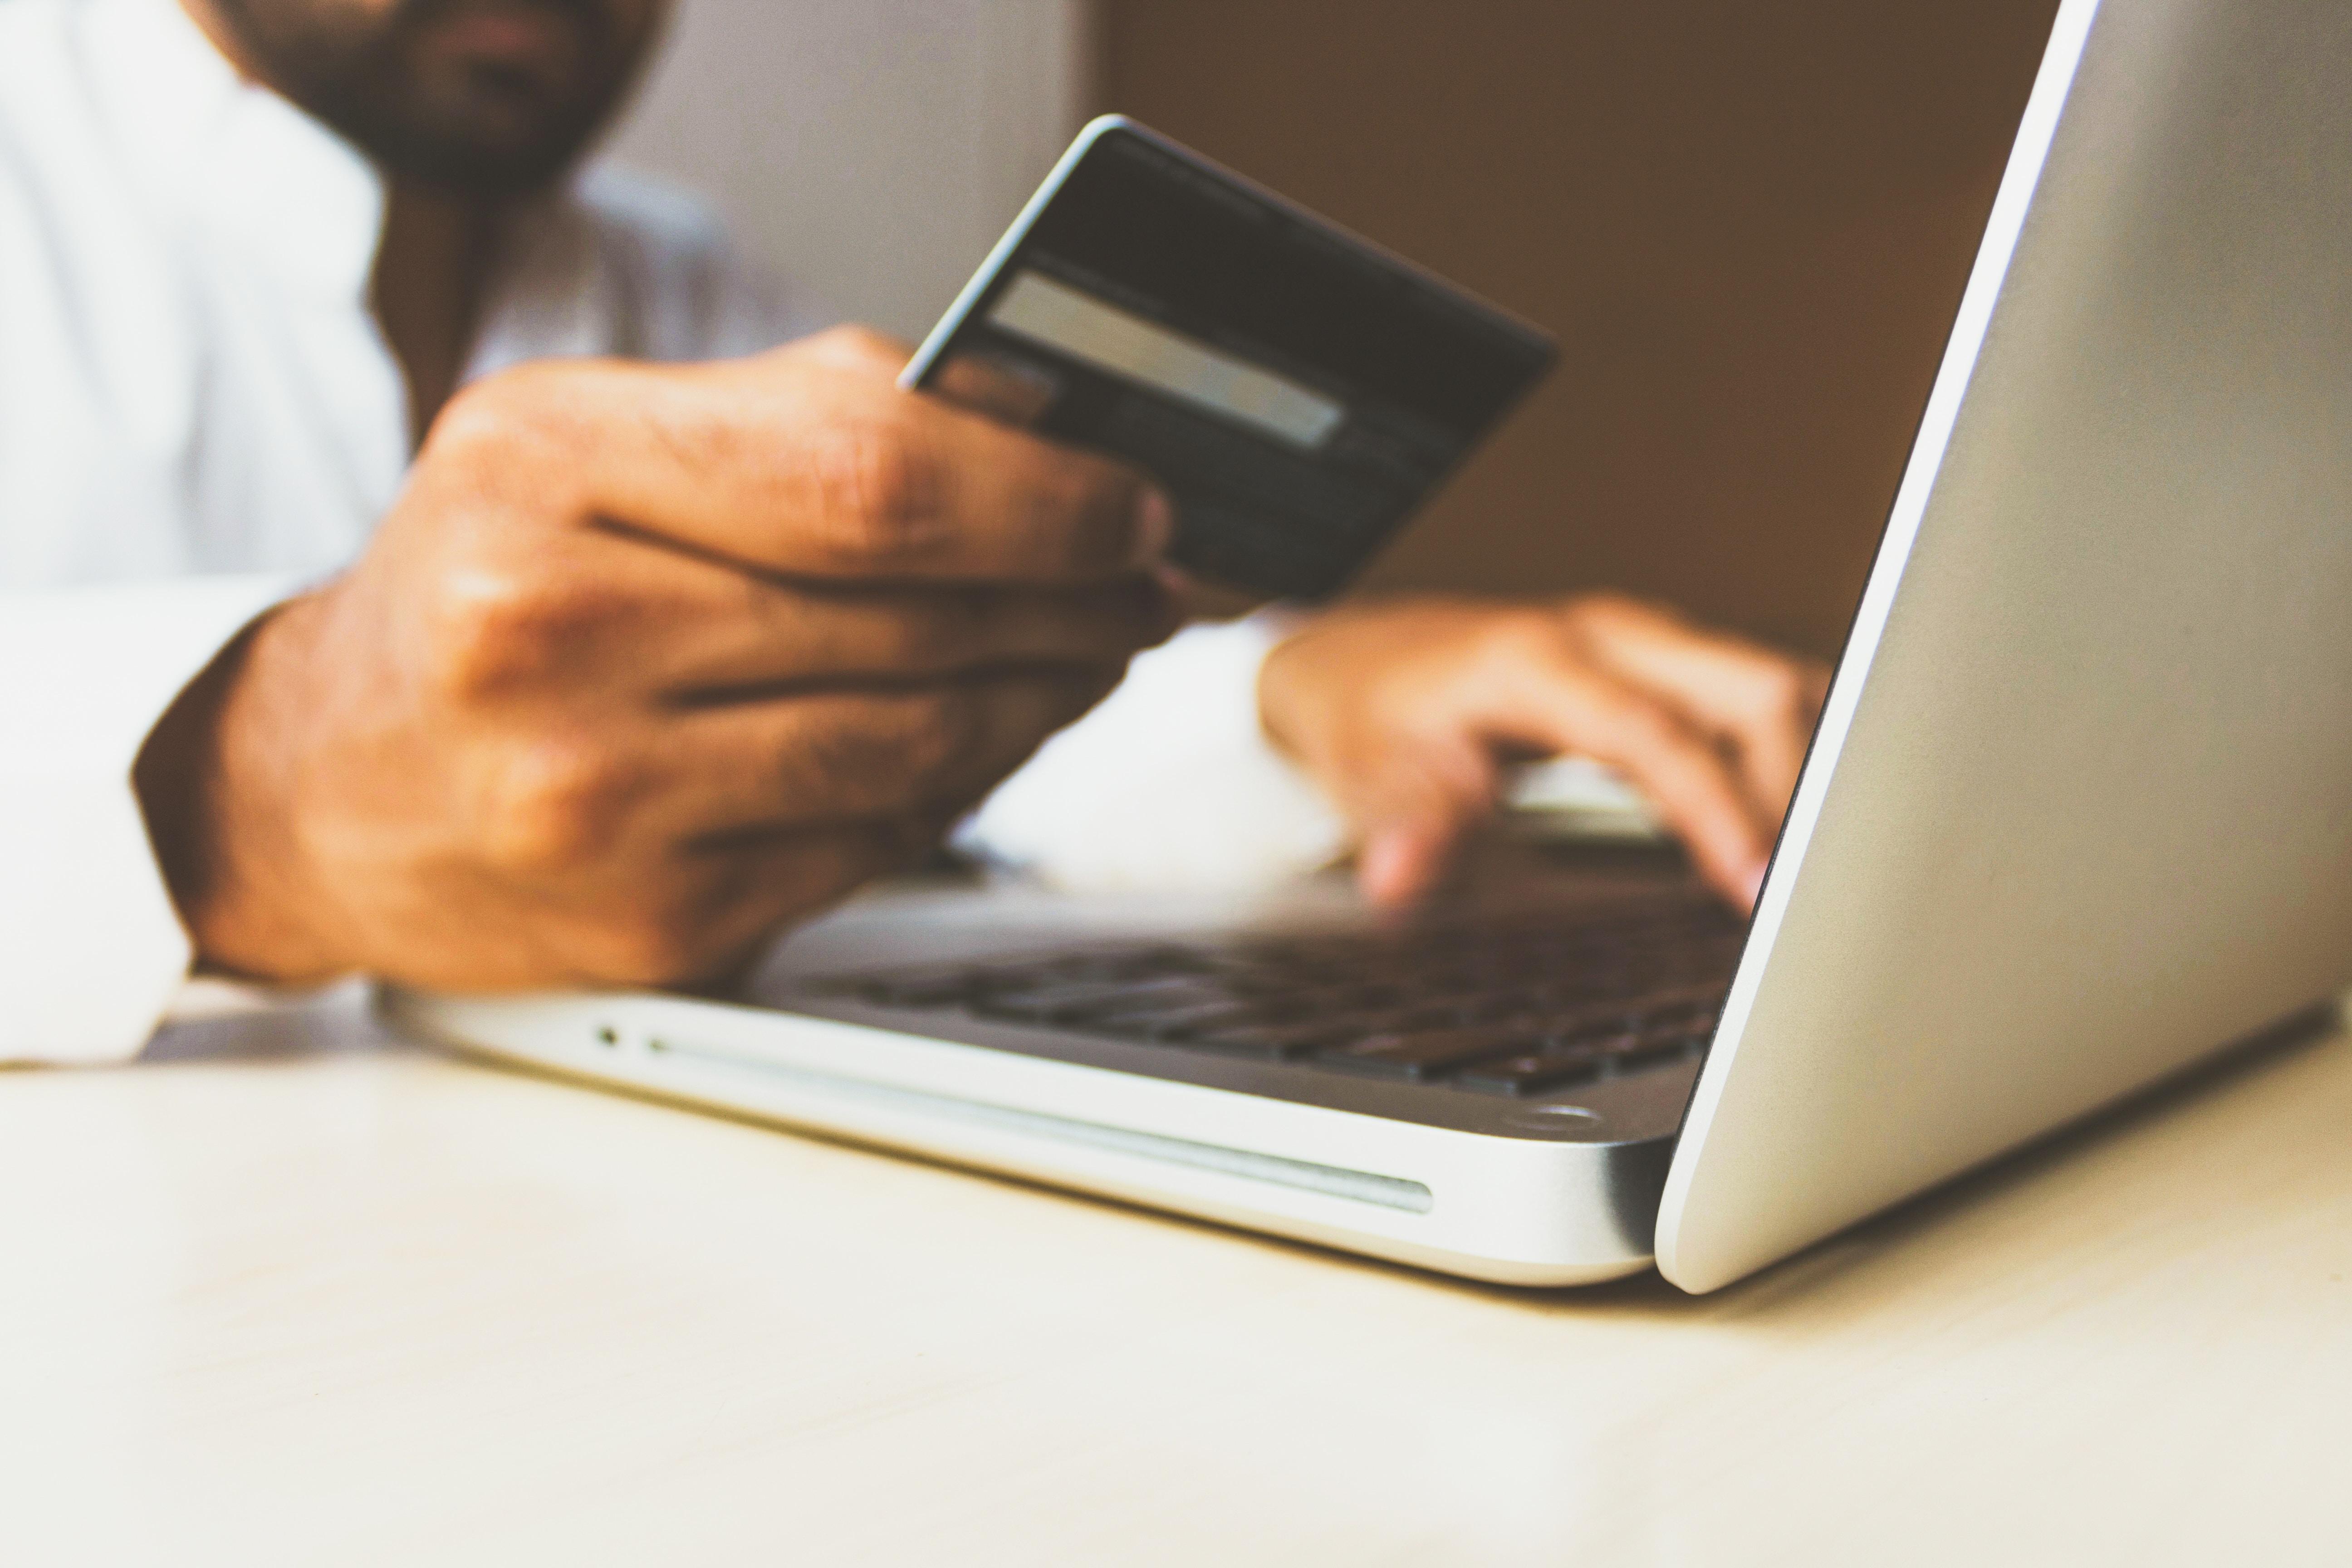 Consells en matèria de consum per comprar de manera segura a través d'internet